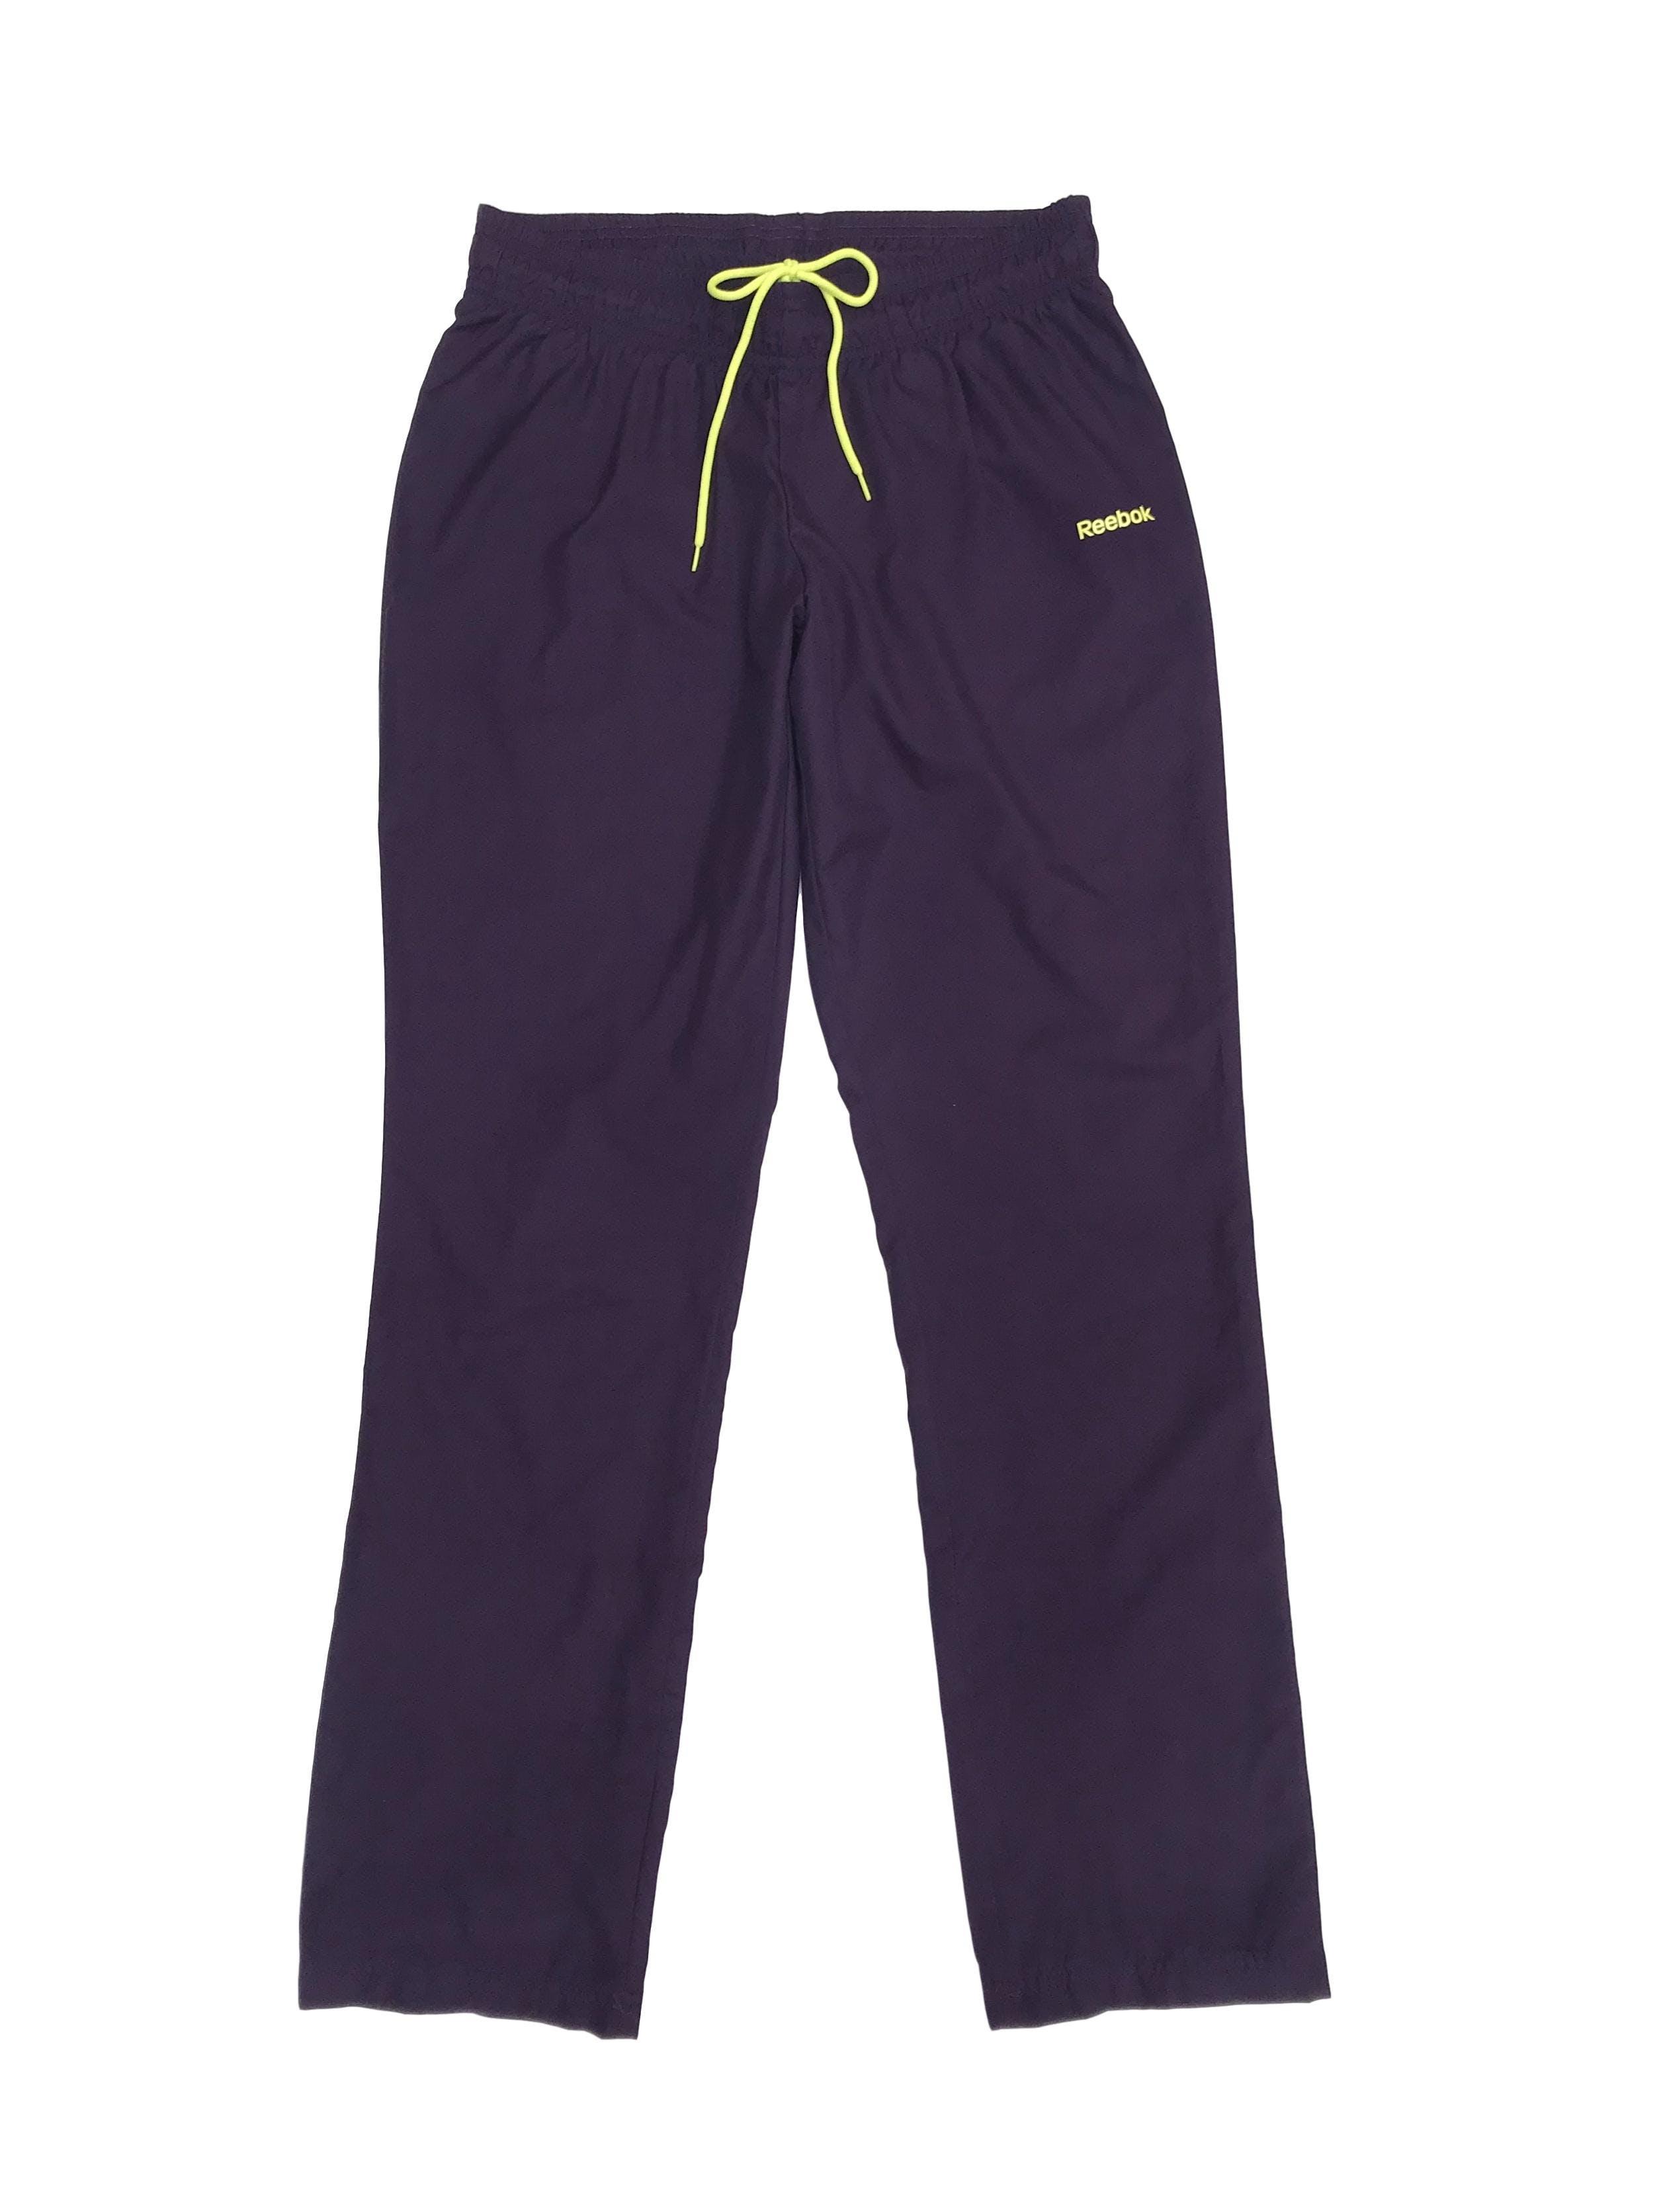 Pantalón buzo Reebok  morado con logo amarillo neón, forro malla. Precio original S/ 170